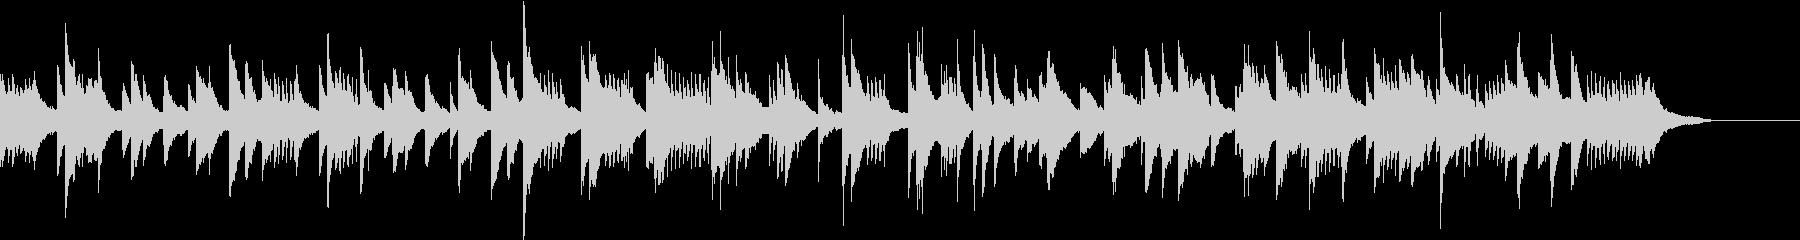 無機質なドキュメンタリー系ピアノ曲の未再生の波形